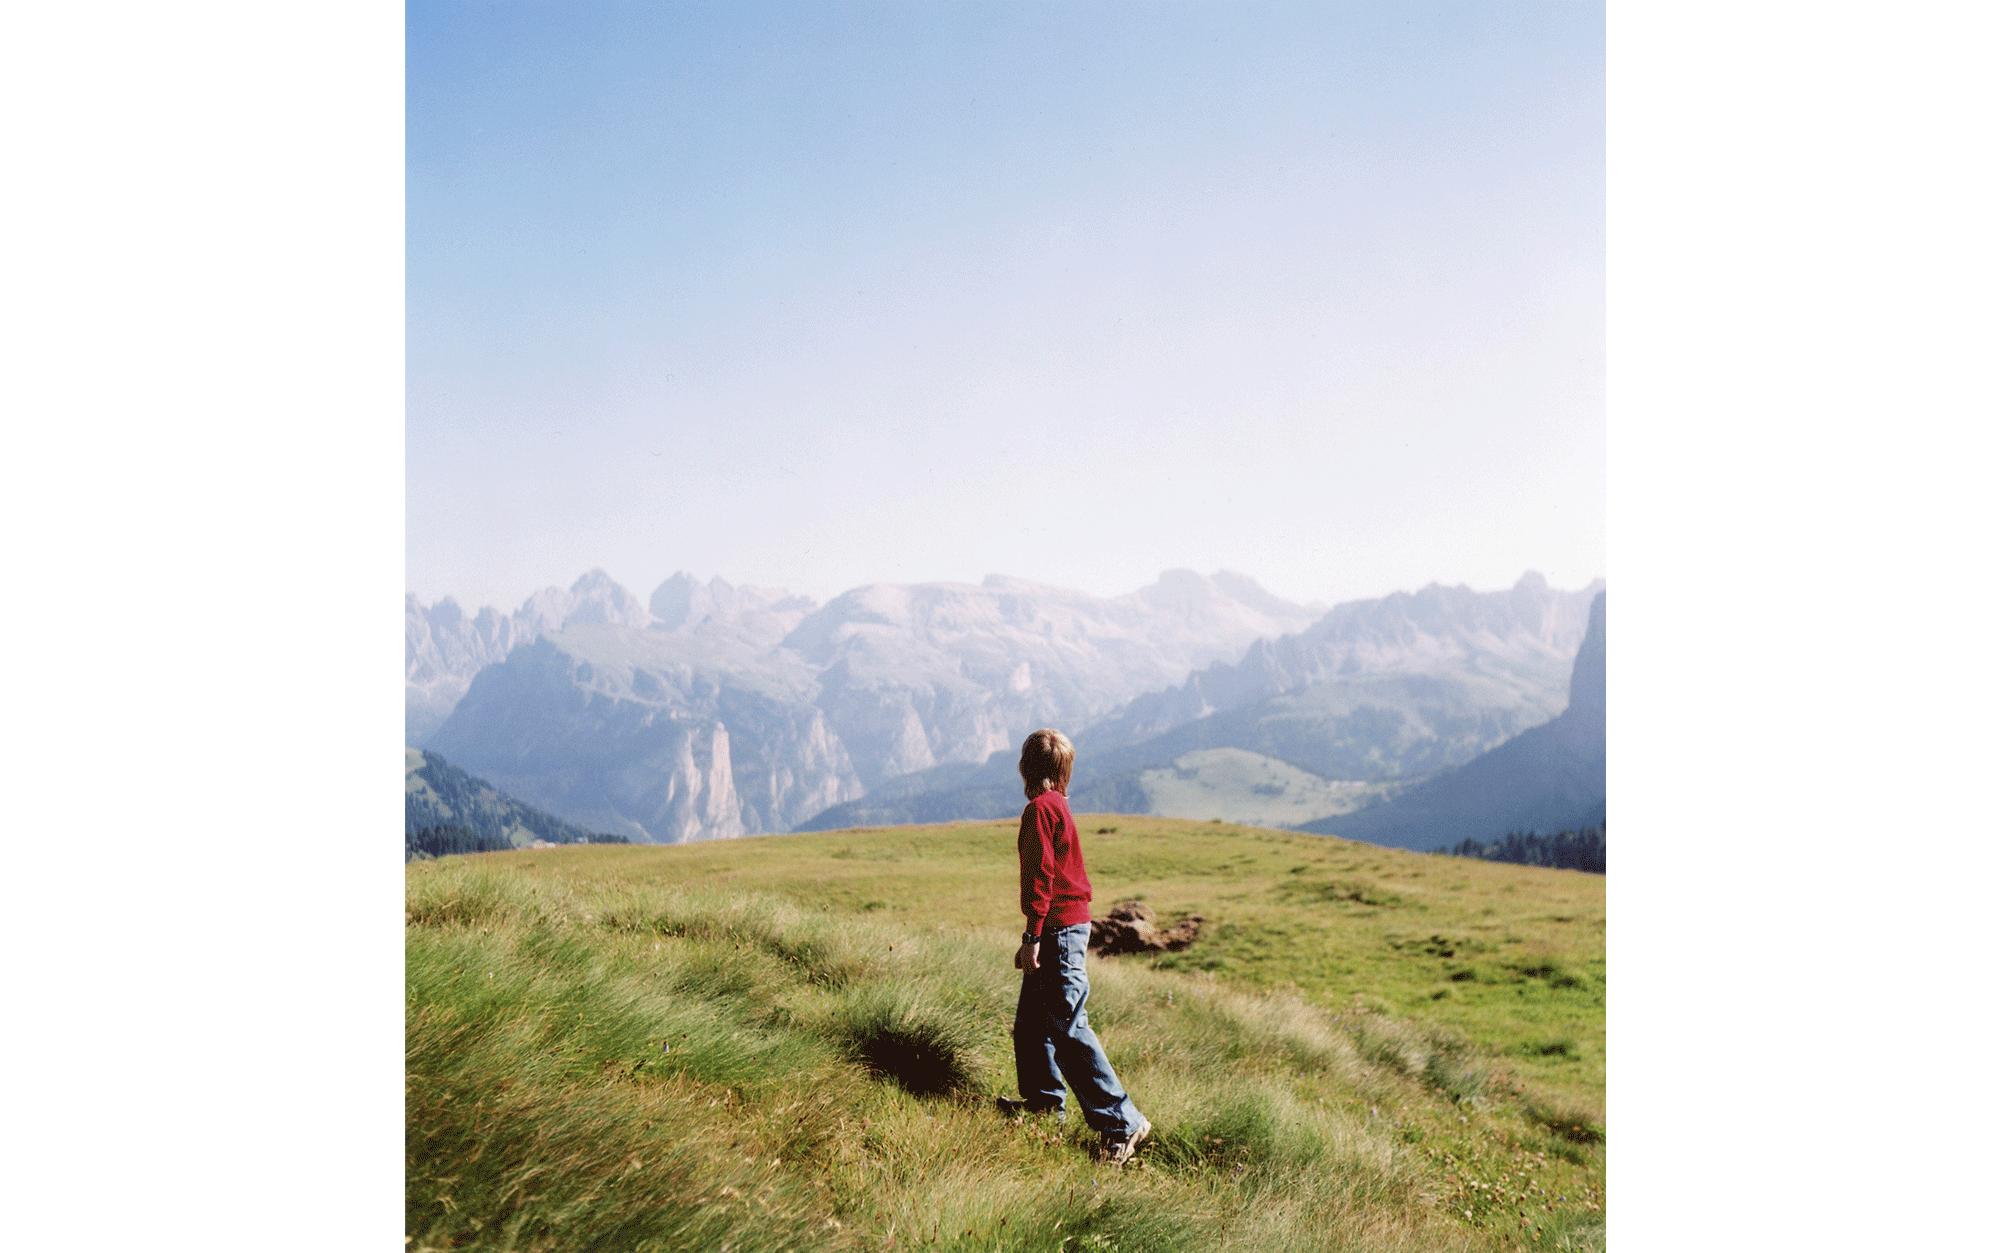 イタリアードロミテ渓谷